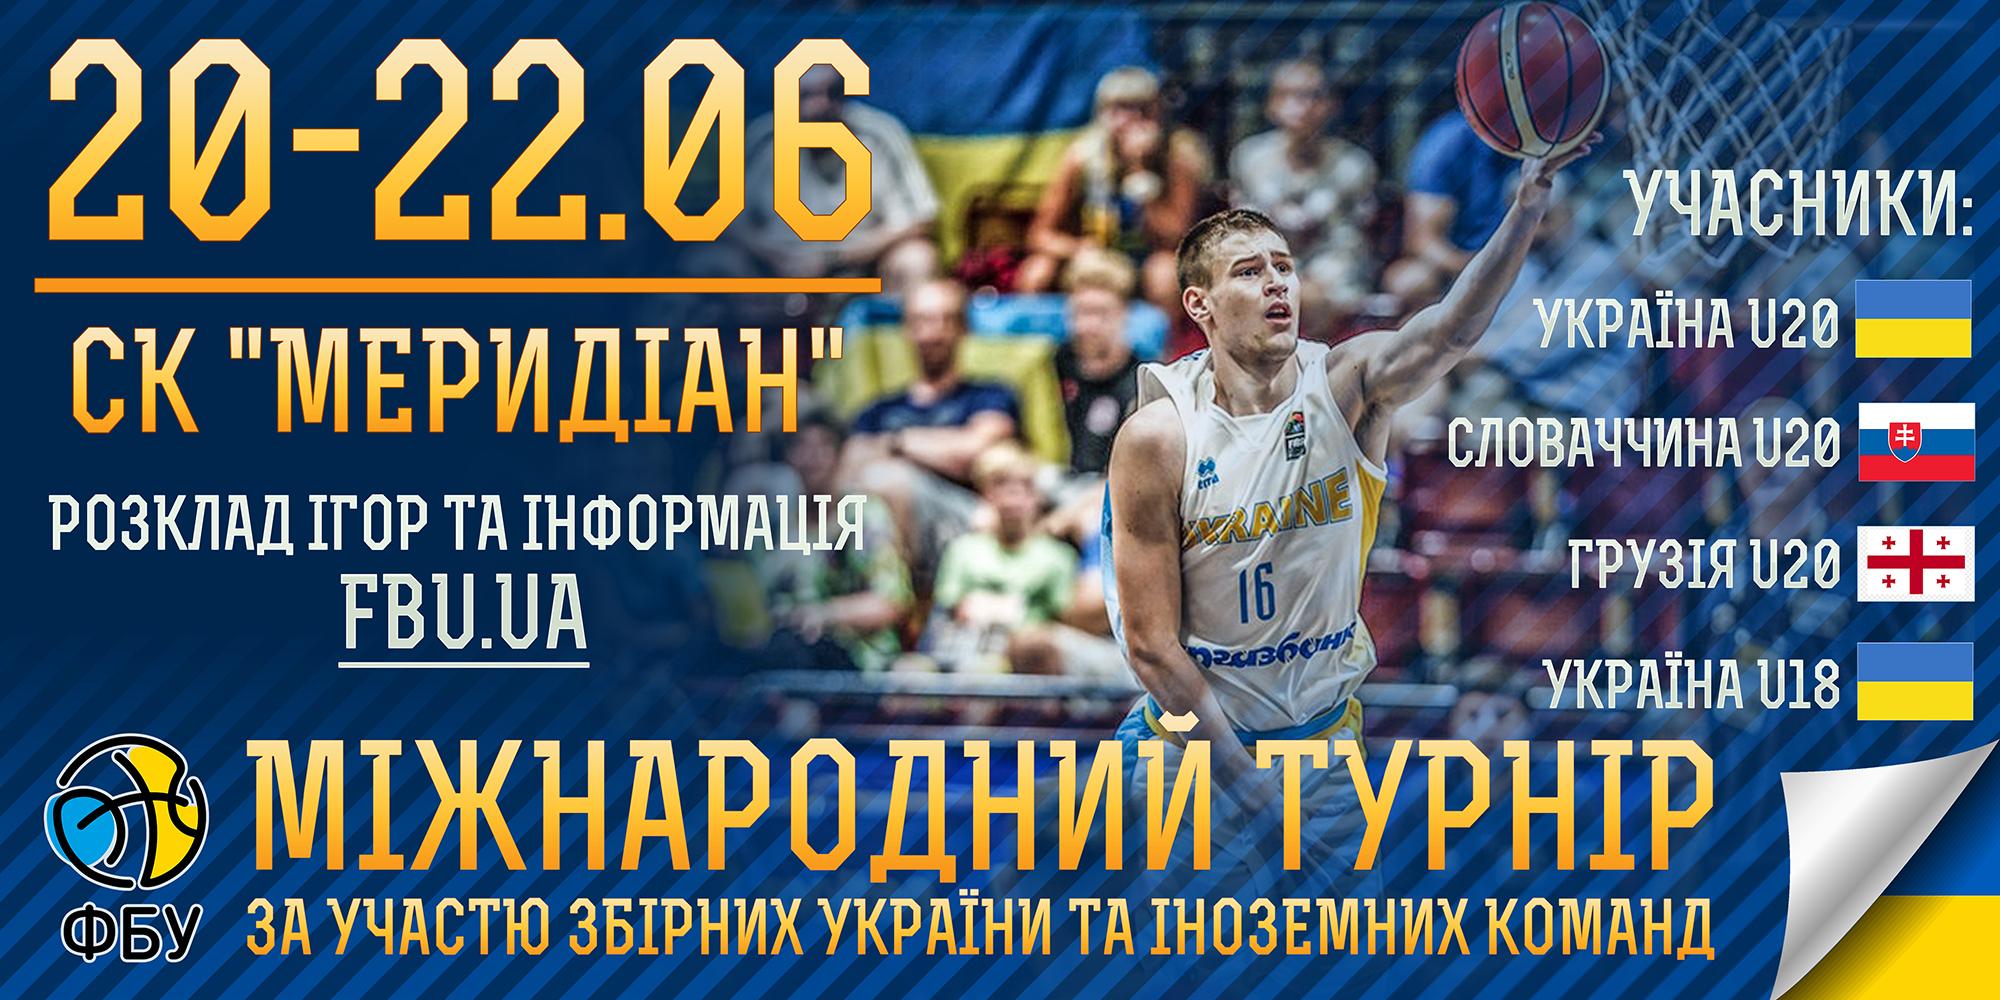 У Києві стартує Міжнародний турнір збірних